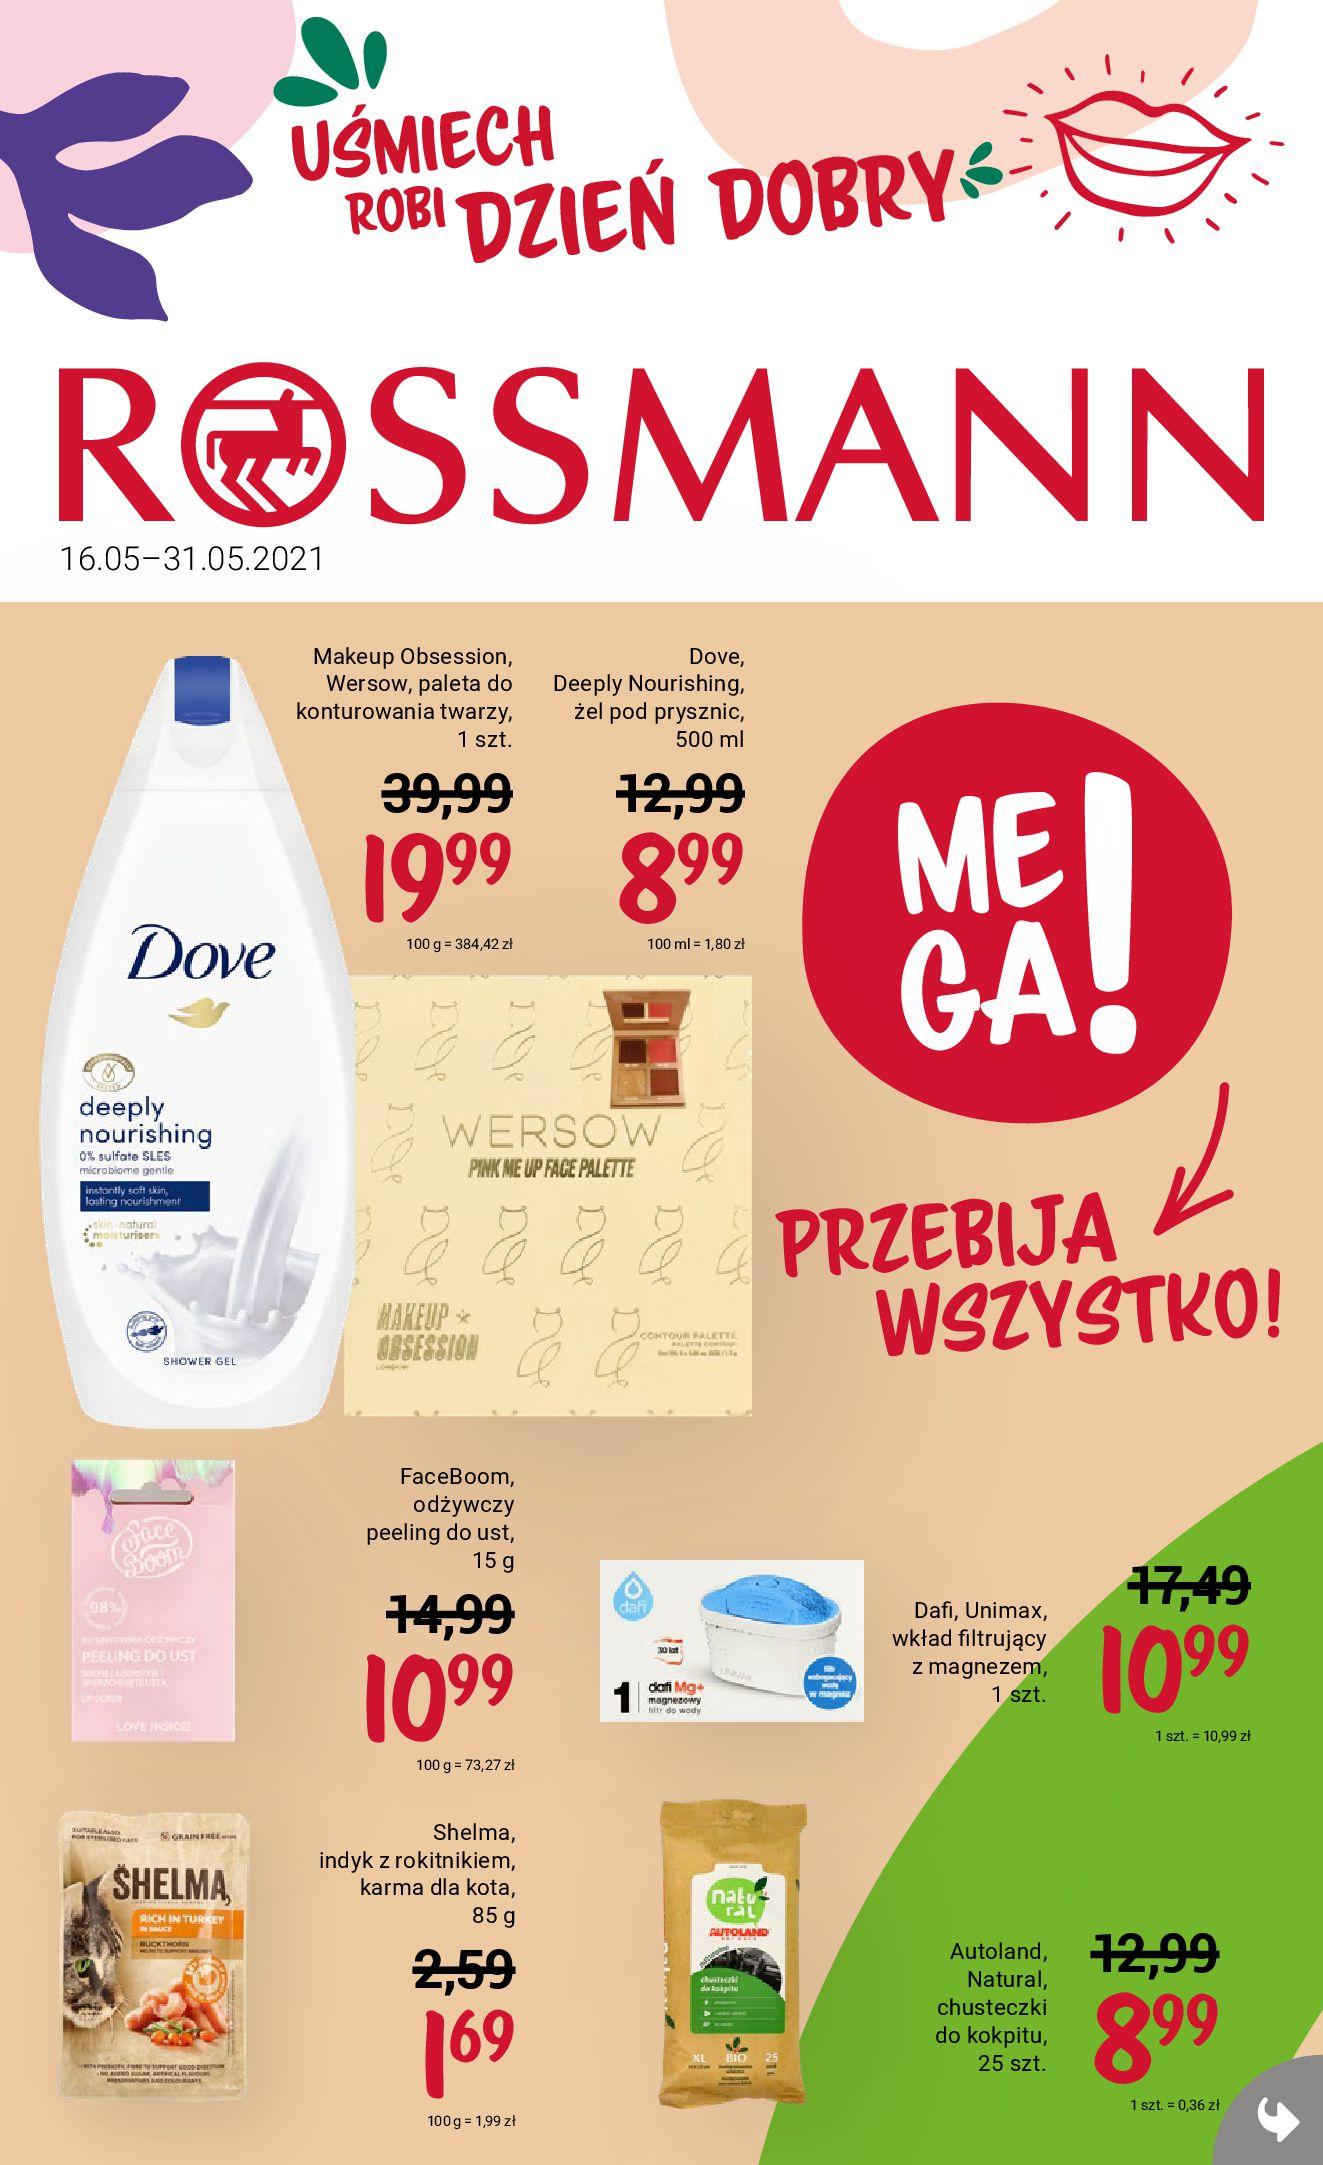 Rossmann:  Gazetka Rossmann Uśmiech robi Dobry Dzień 15.05.2021